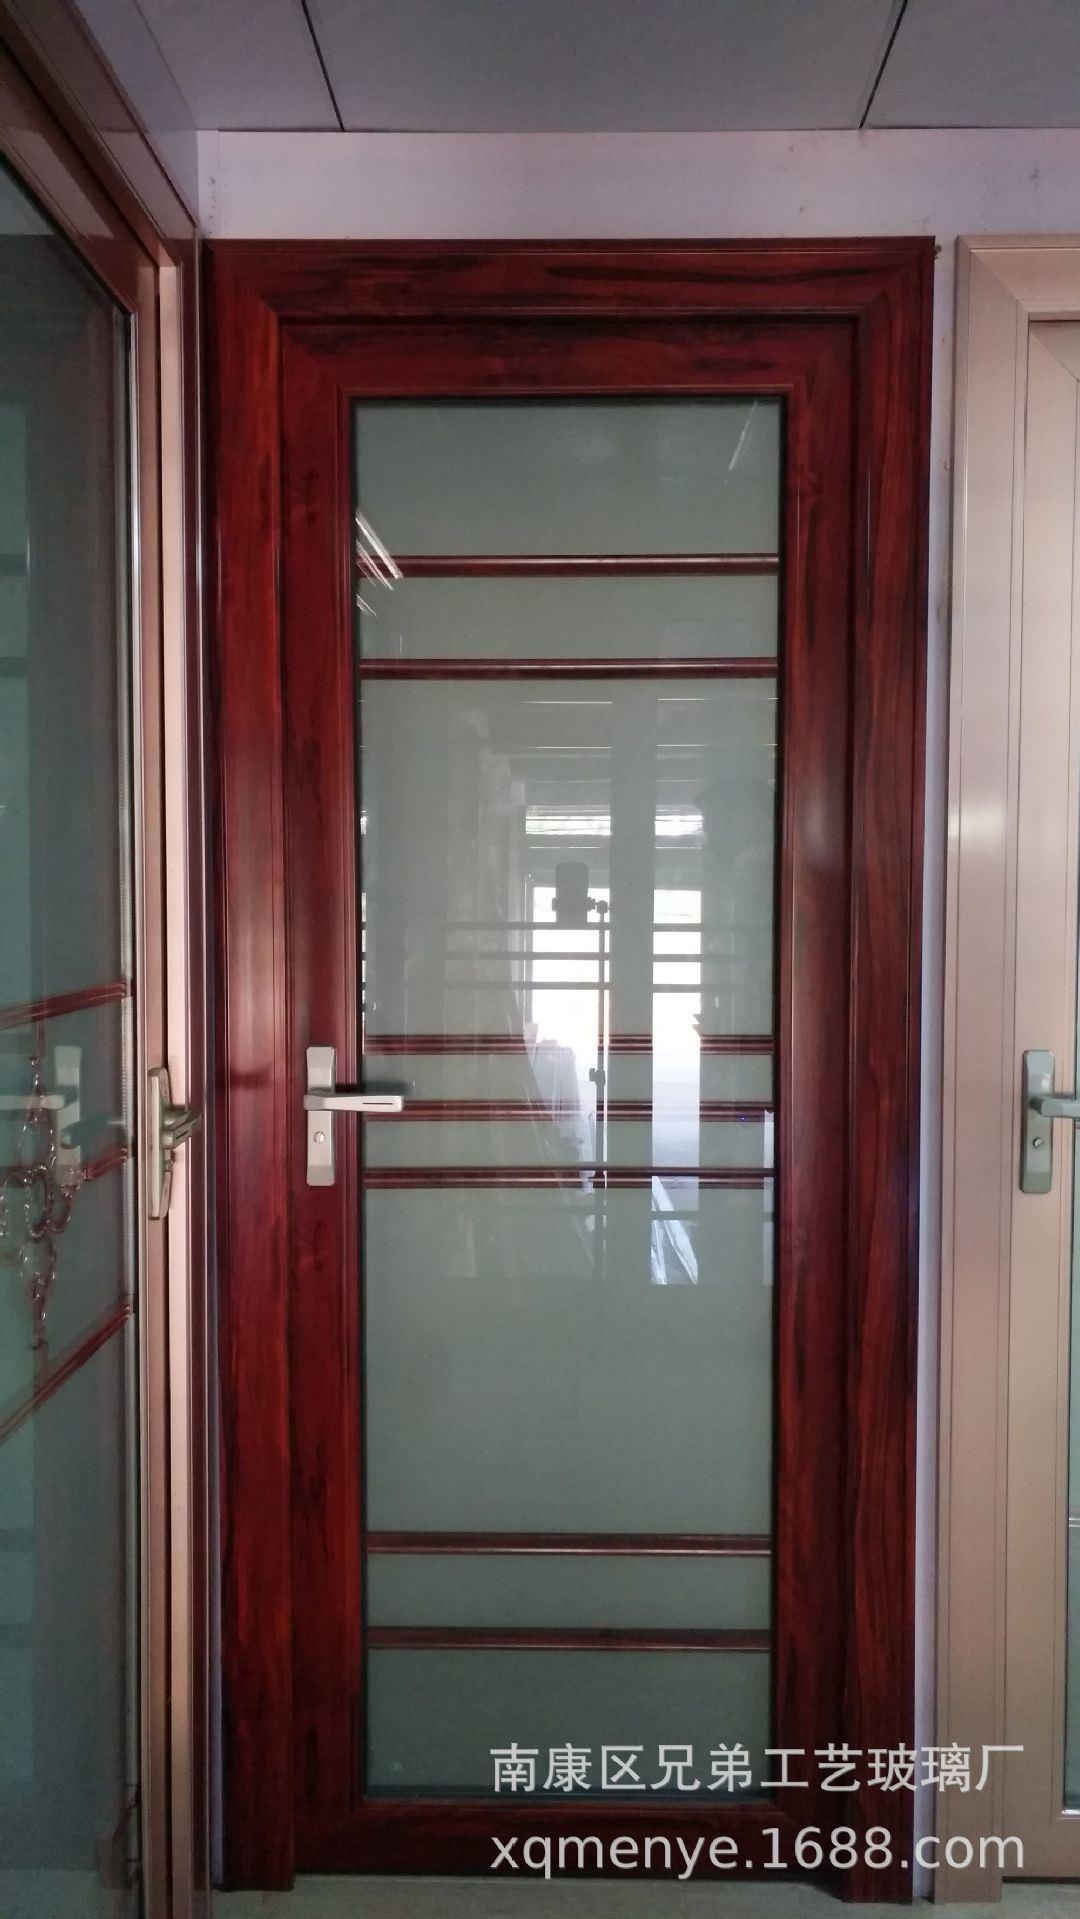 China Bathroom Design Door Glass Door Bathroom Frosted Glass Bathroom Door China Glass Door Bath Room Glass Door